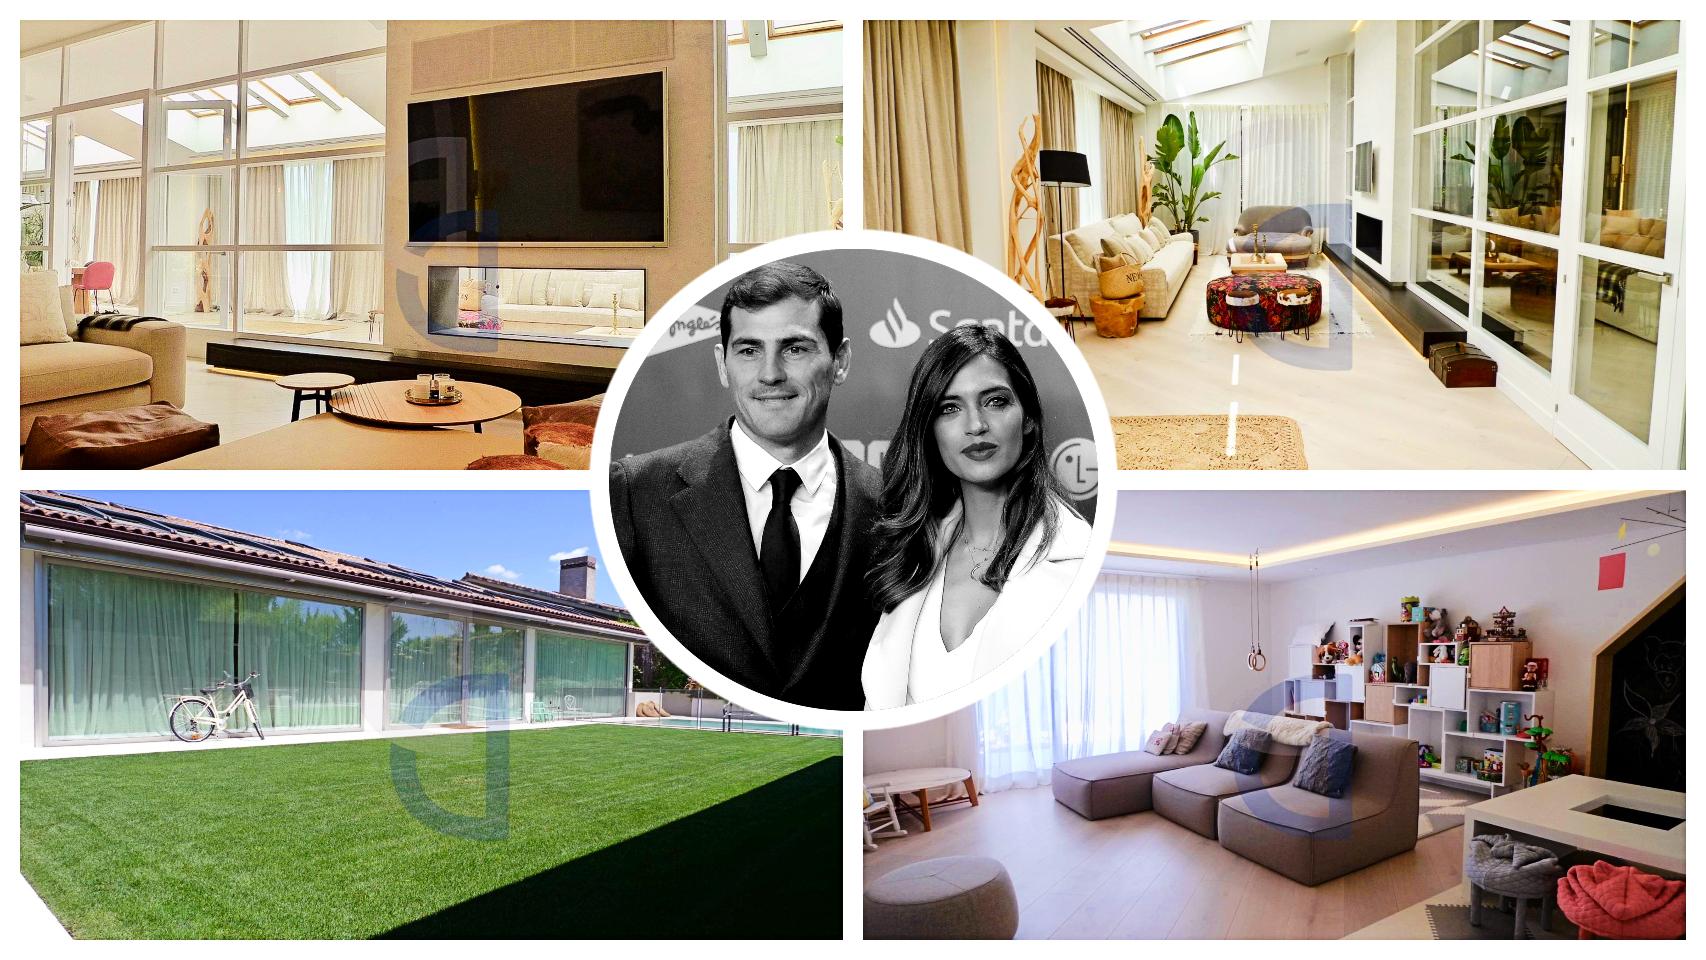 Sara Carbonero e Iker Casillas y algunos rincones de su casa de La Finca.